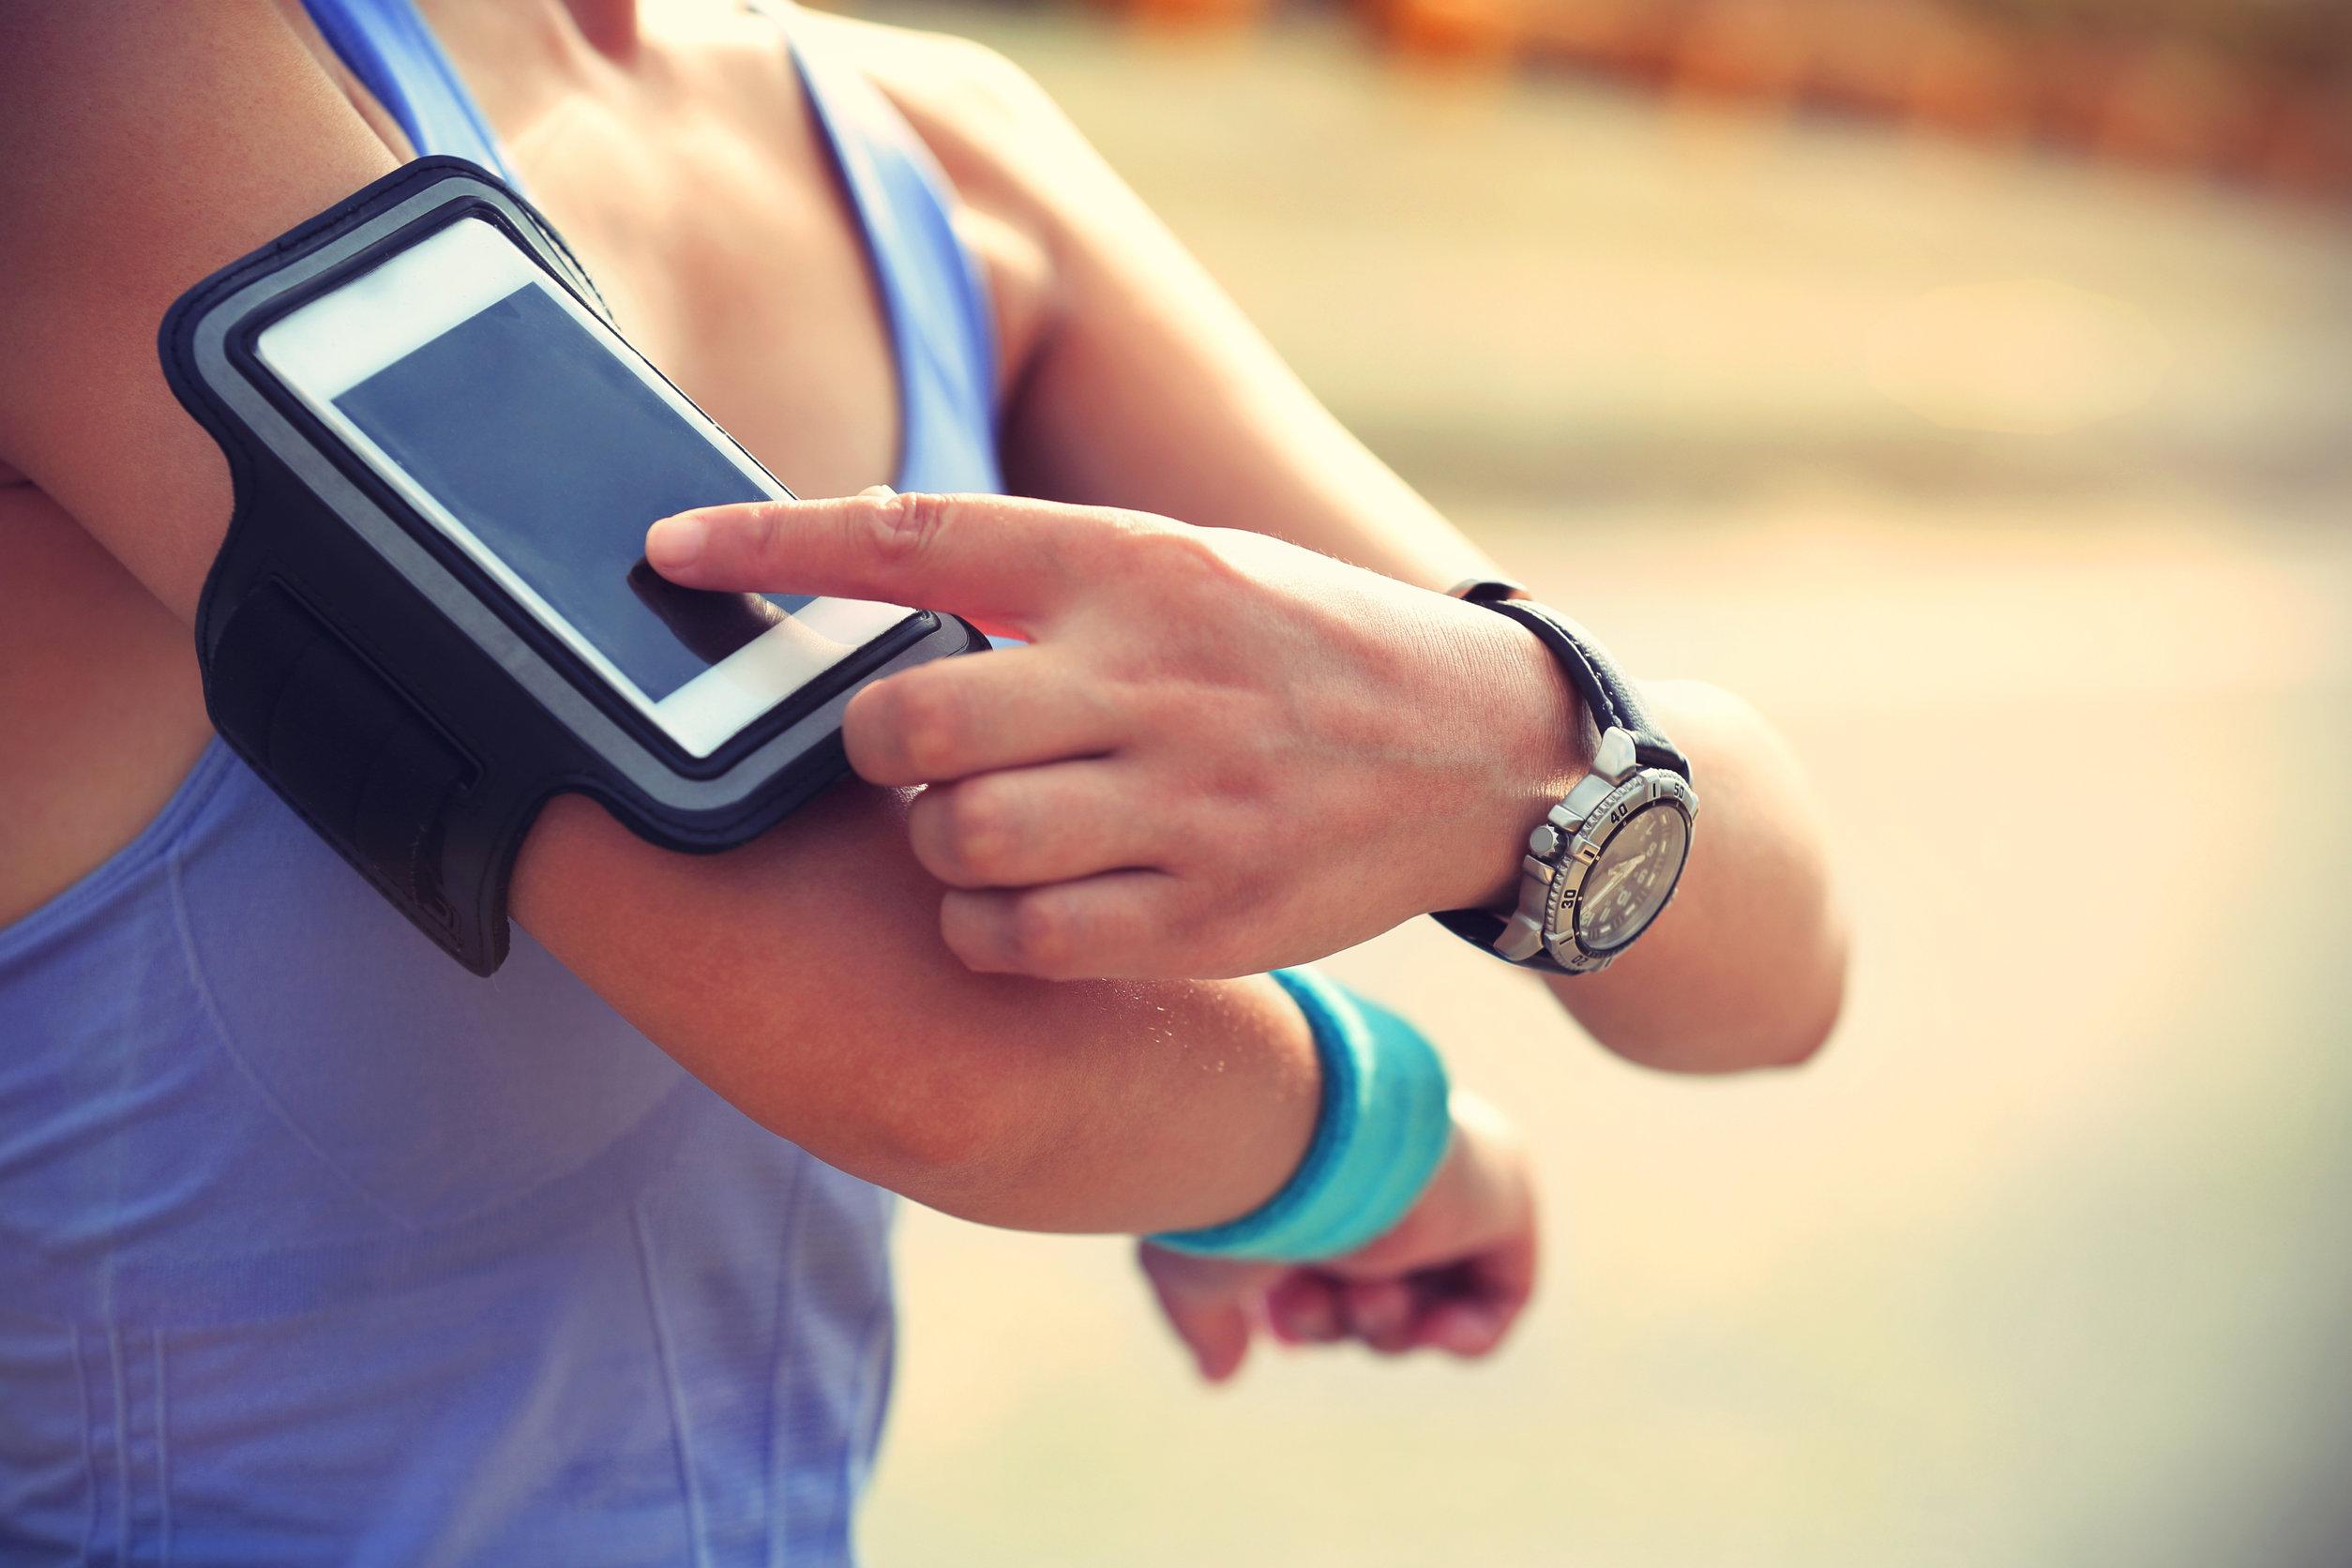 Pessoa com braçadeira mexendo no celular